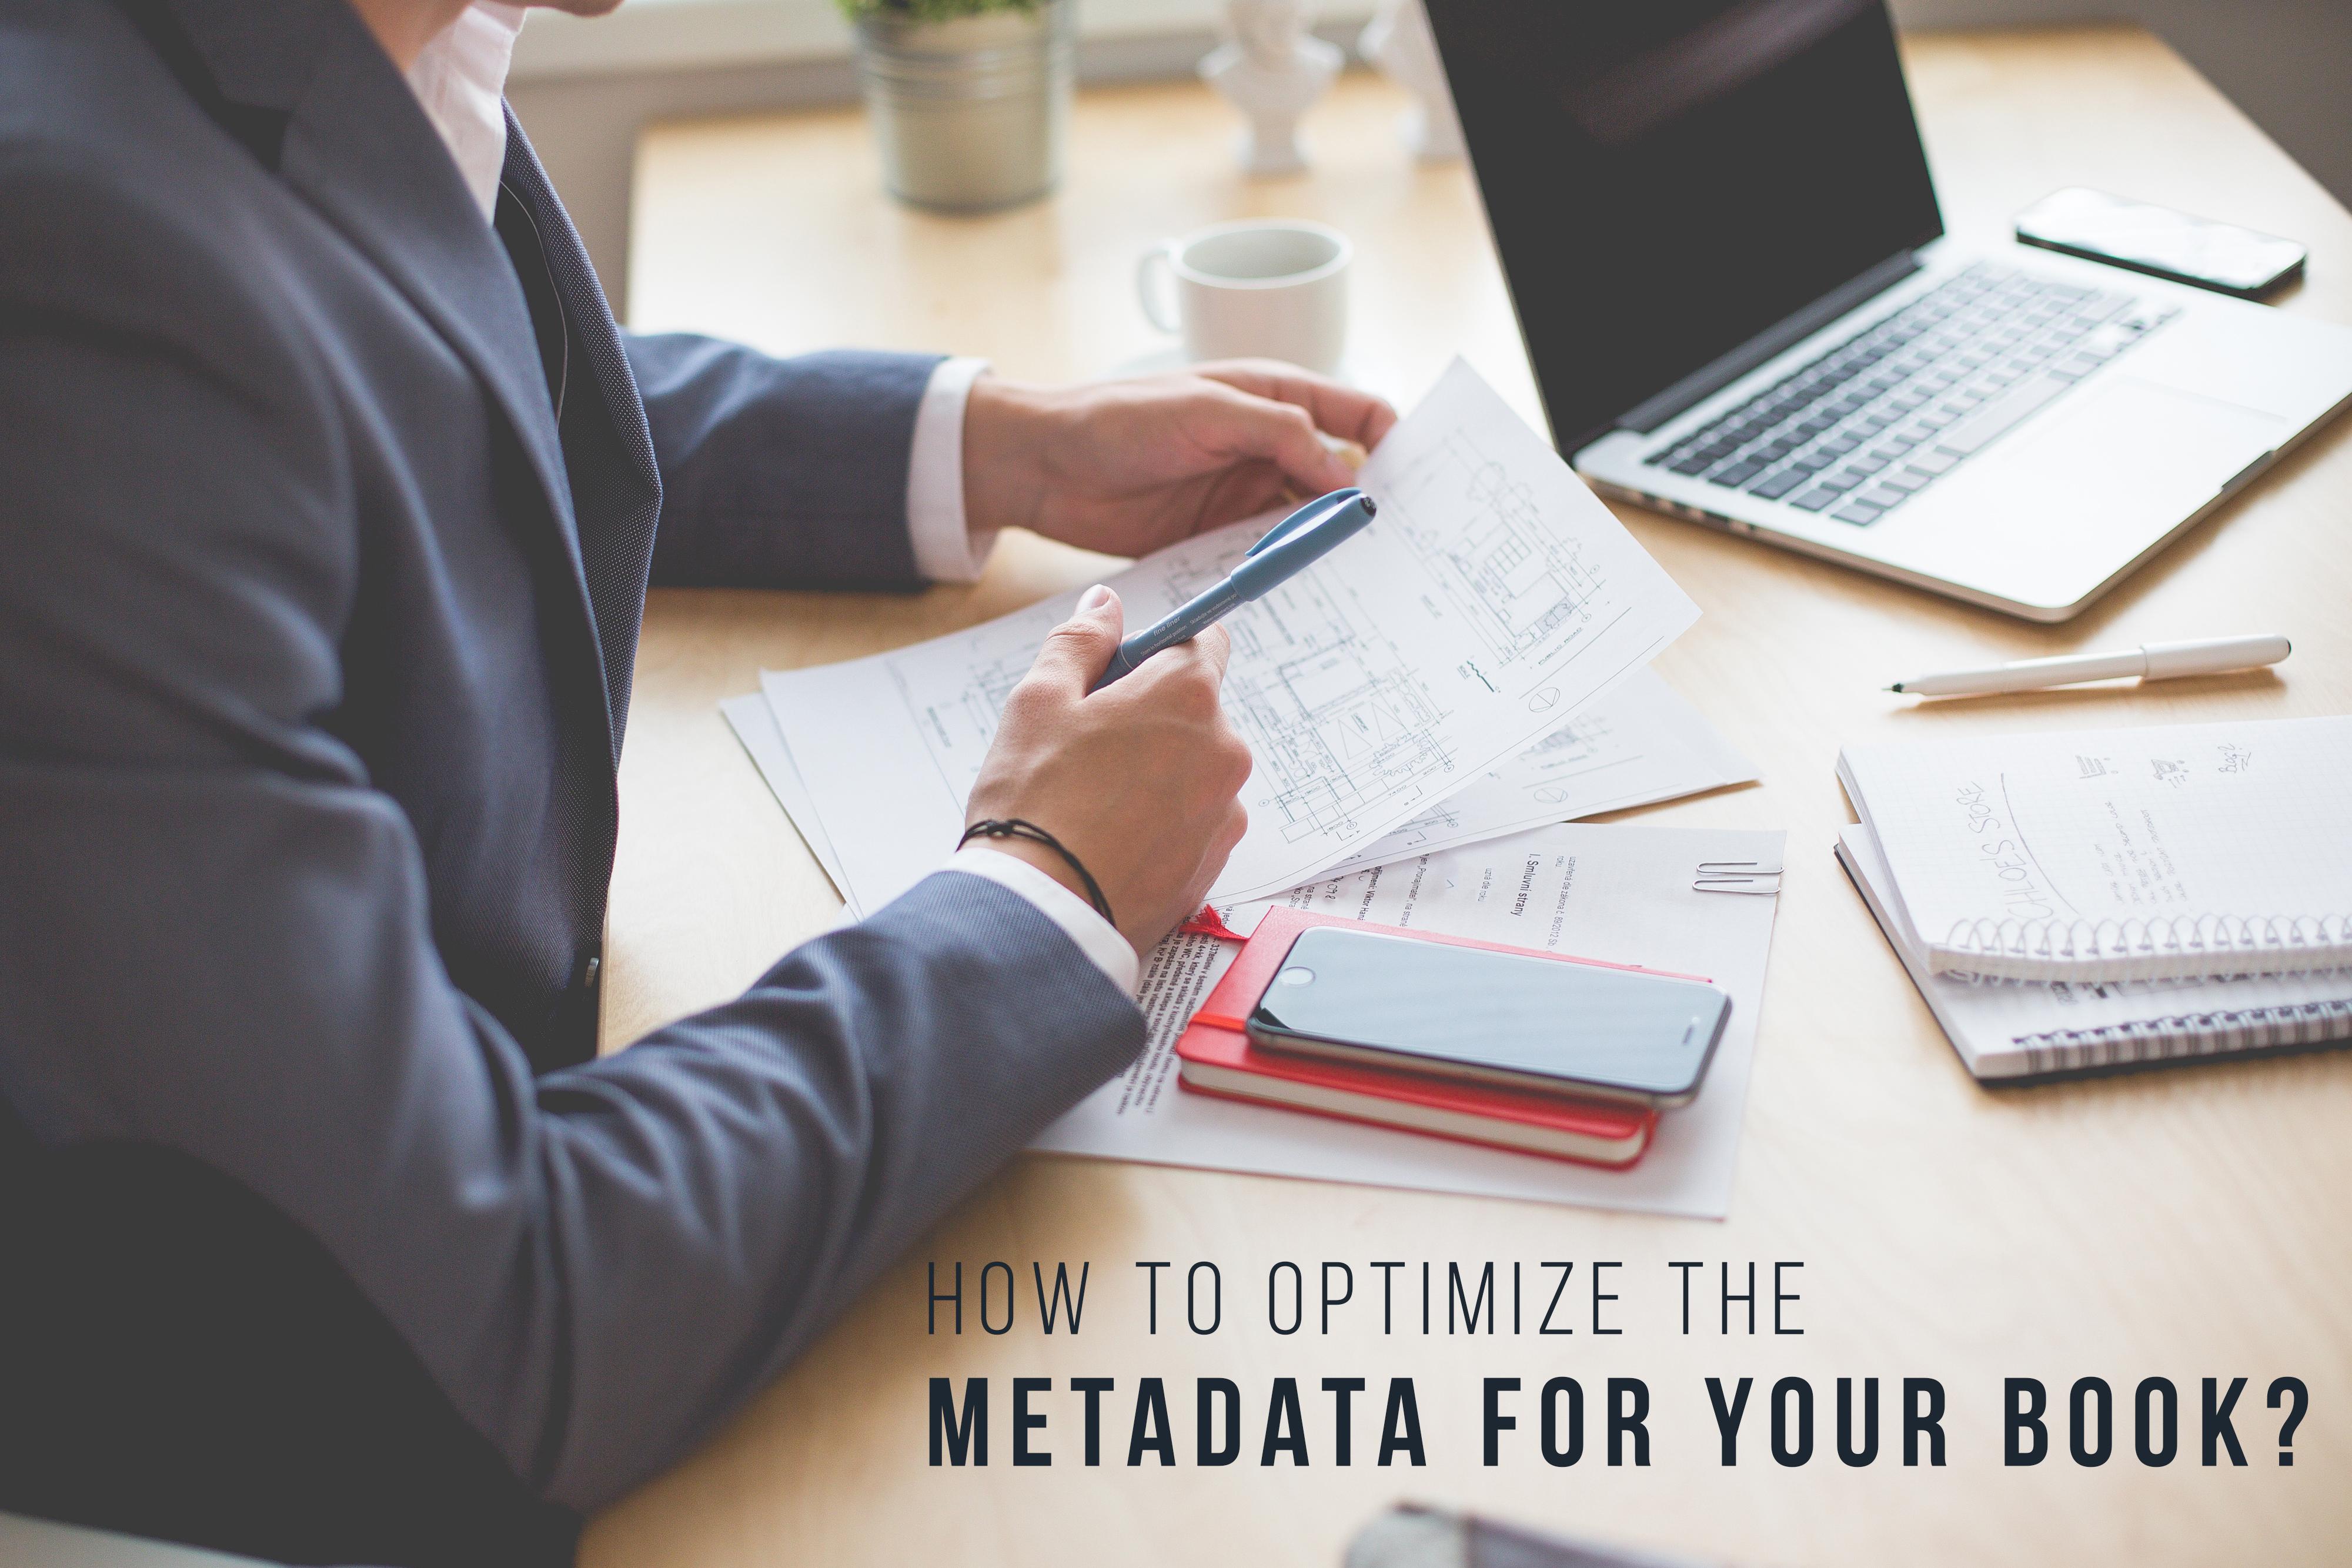 book's metadata